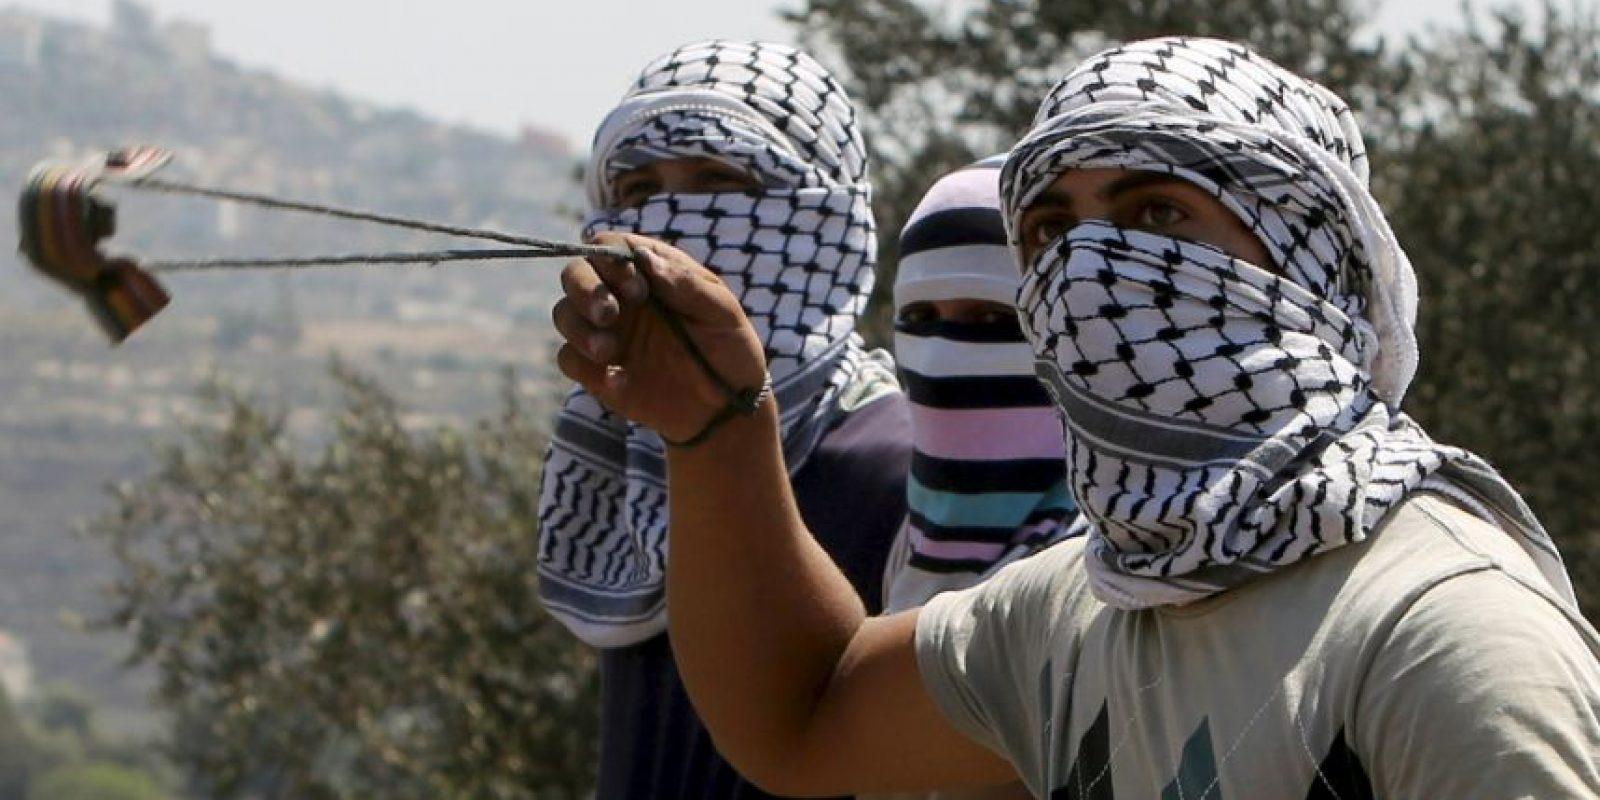 El Consejo de Ministros de Israel aprobó un proyecto de ley que endurece las penas contra palestinos que arrojen piedras a soldados israelíes Foto:AFP